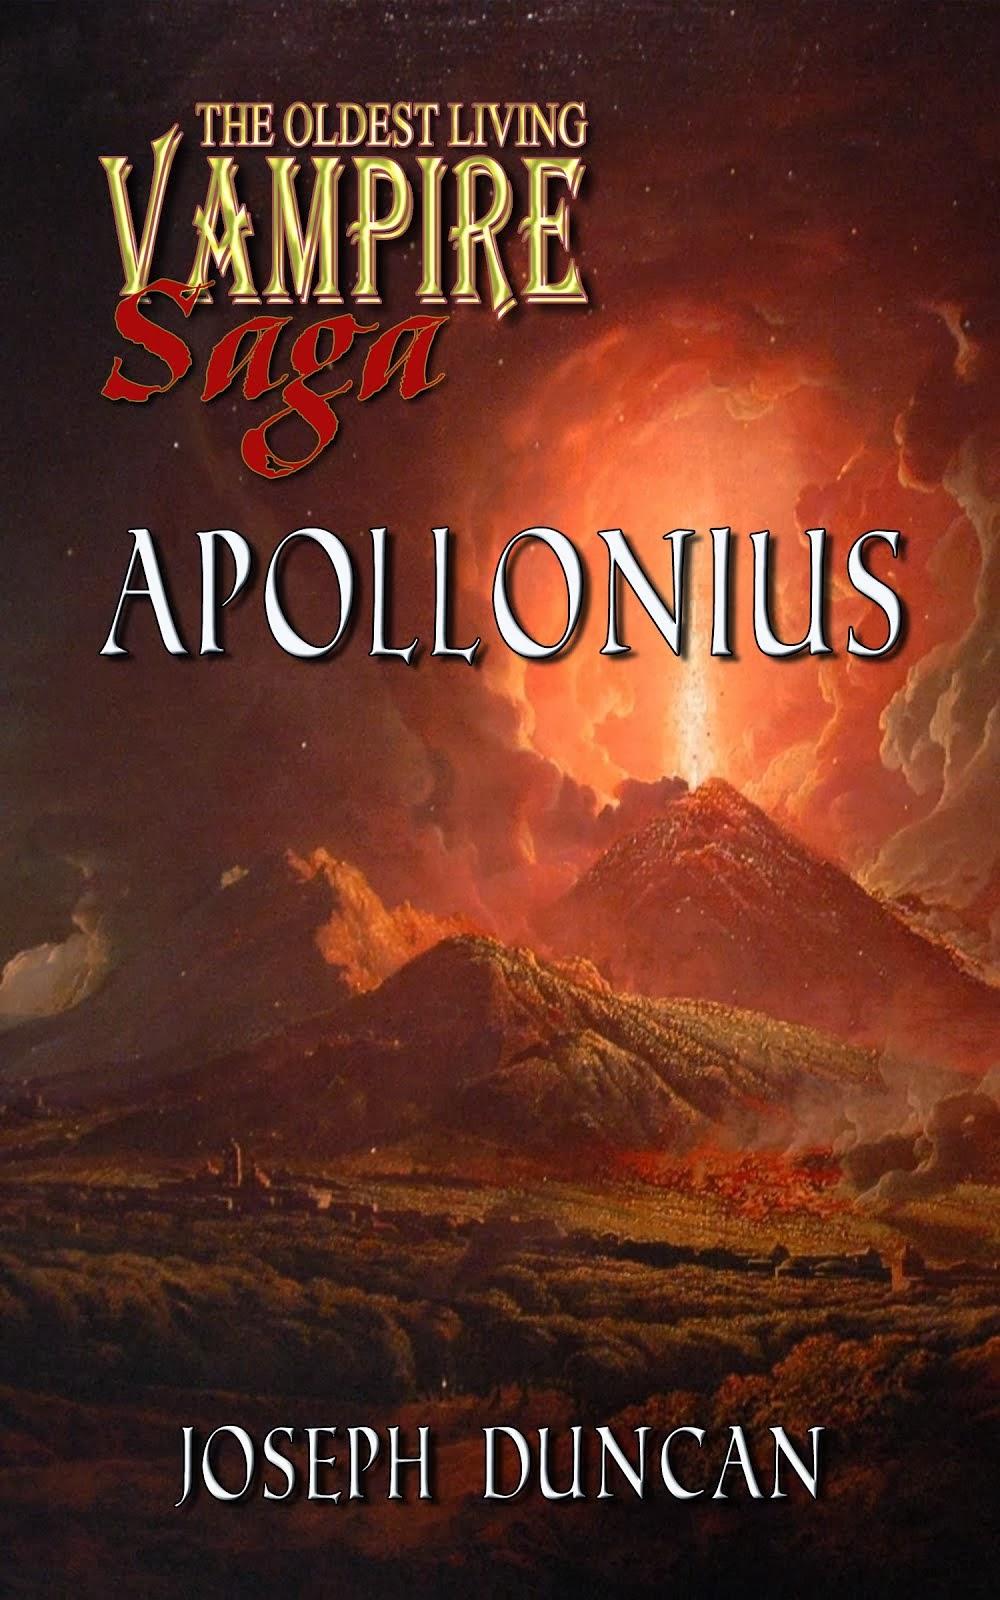 The Oldest Living Vampire Saga: Apollonius